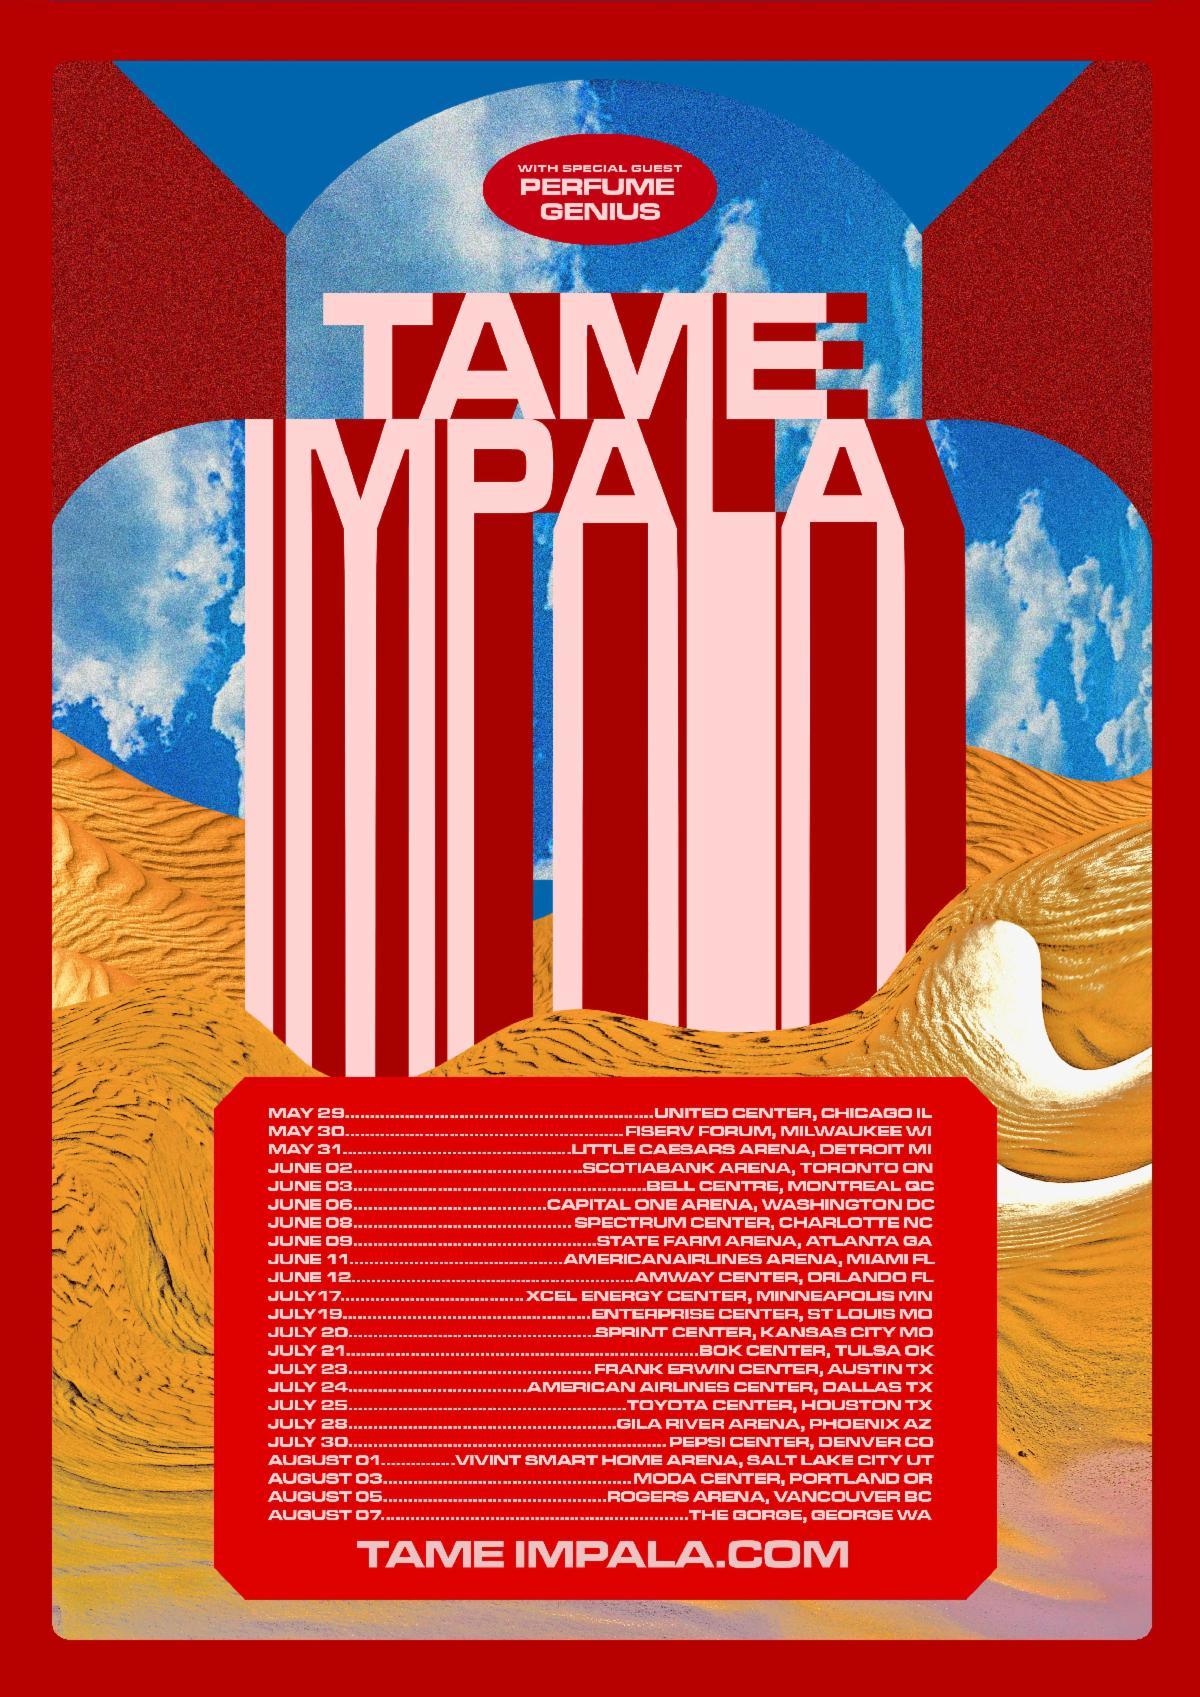 Tame Impala Perfume Genius 2020 tour